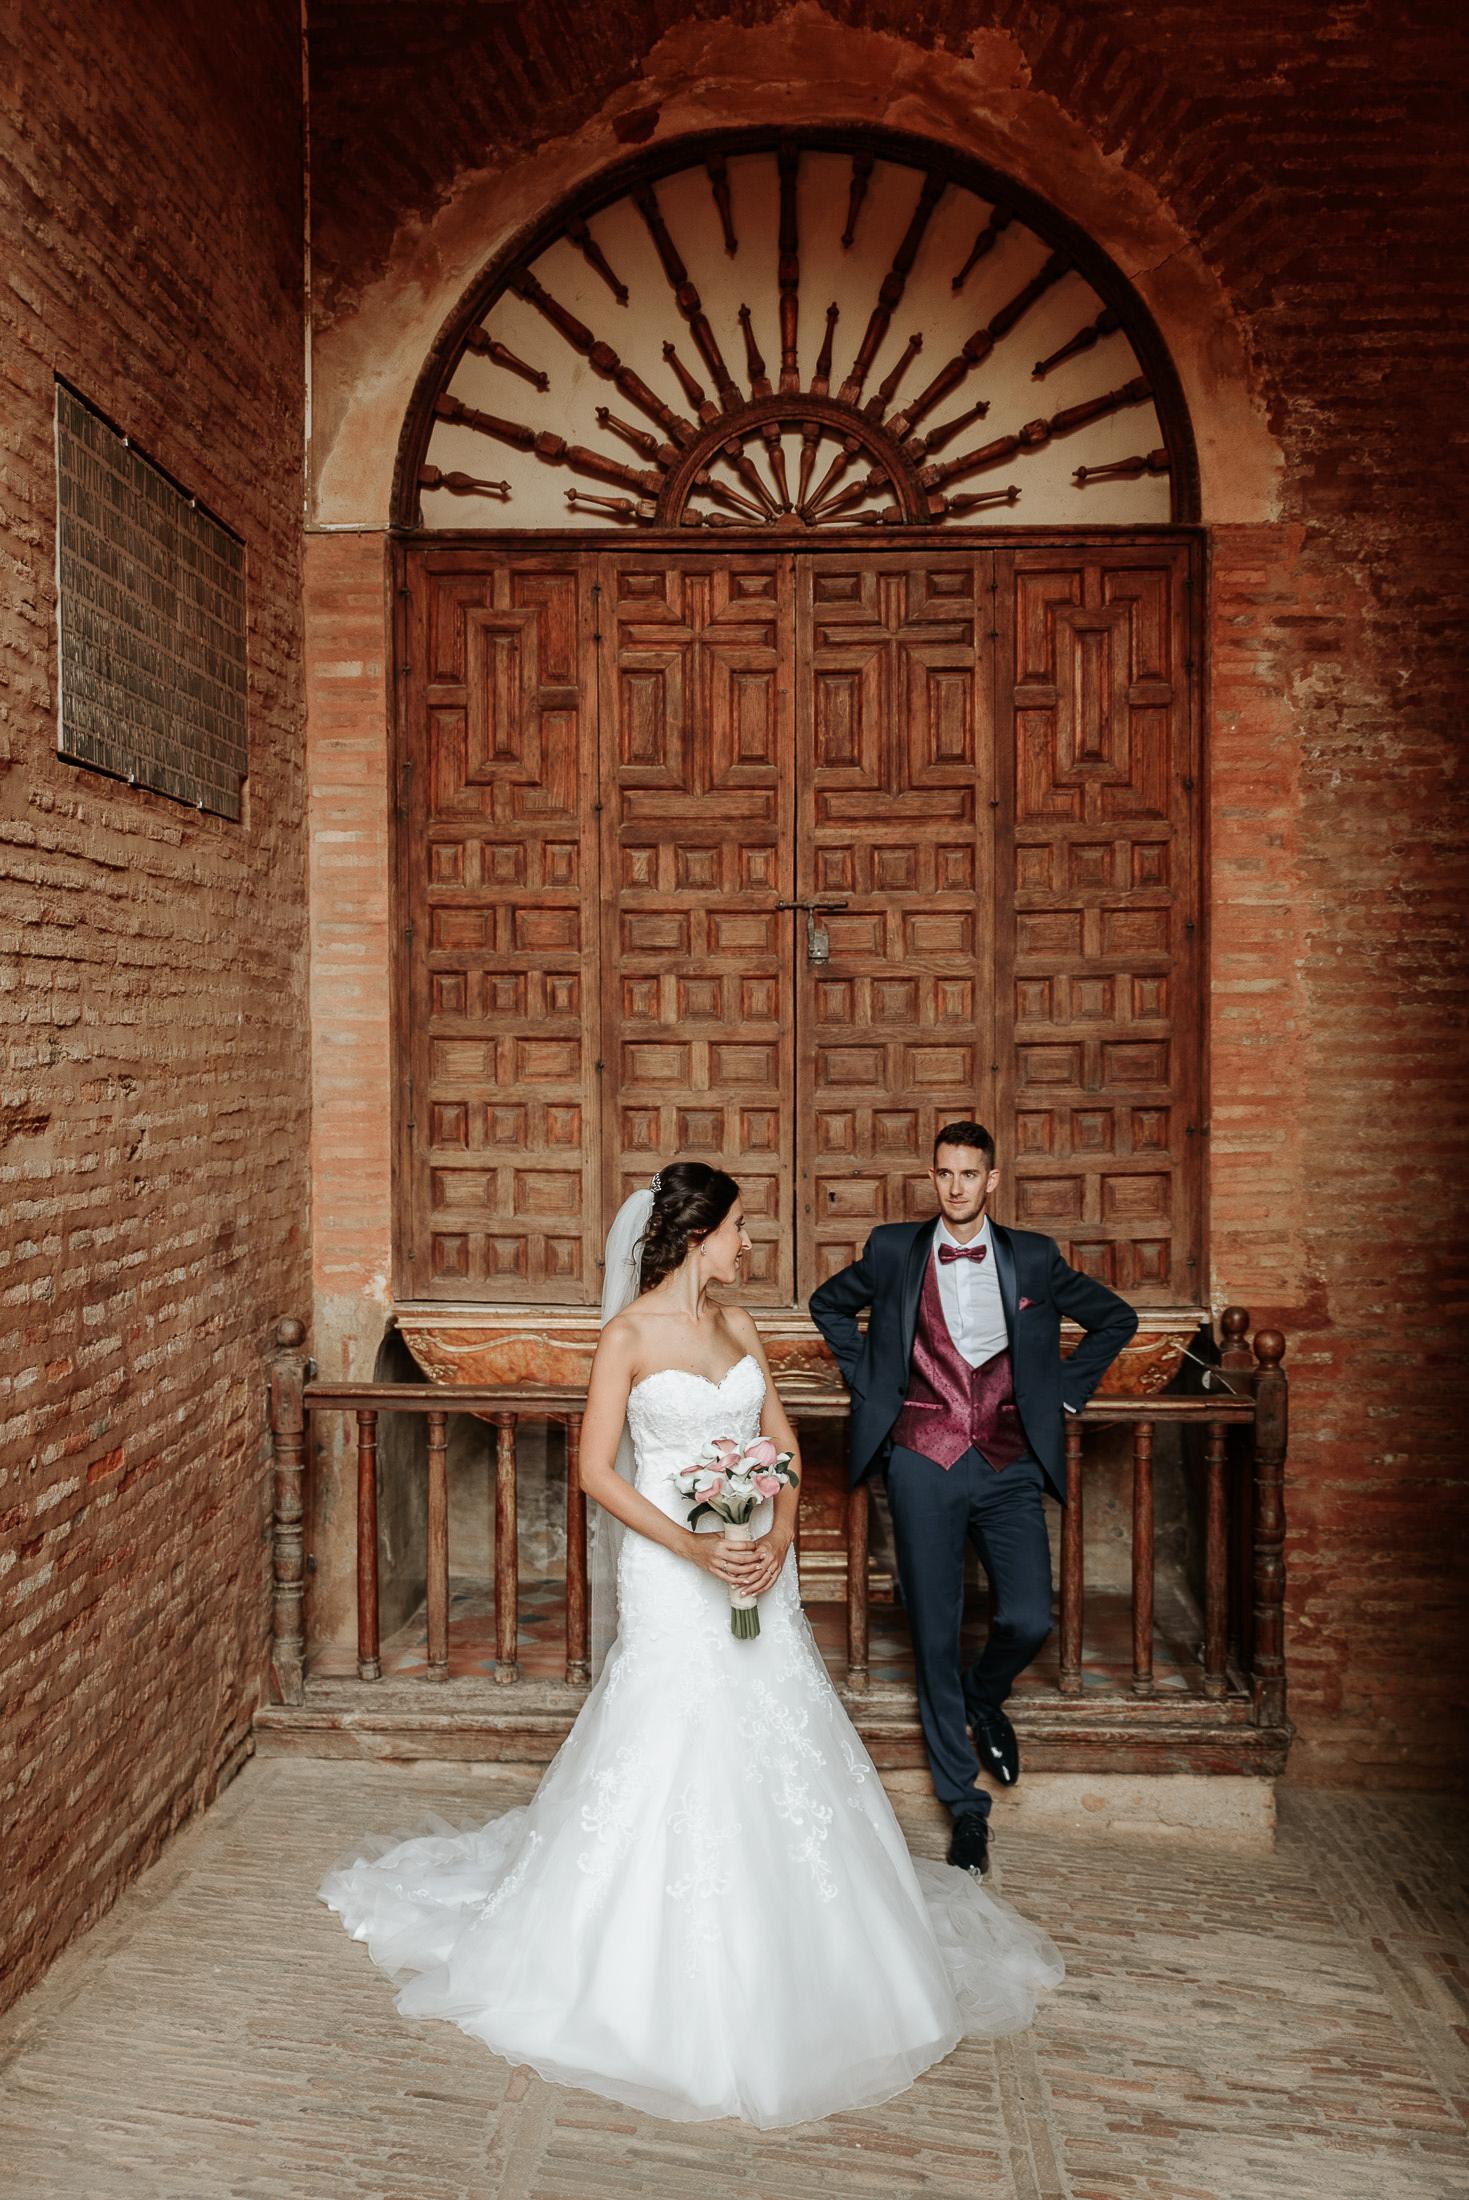 Post boda en Alhambra, puerta de la Justicia